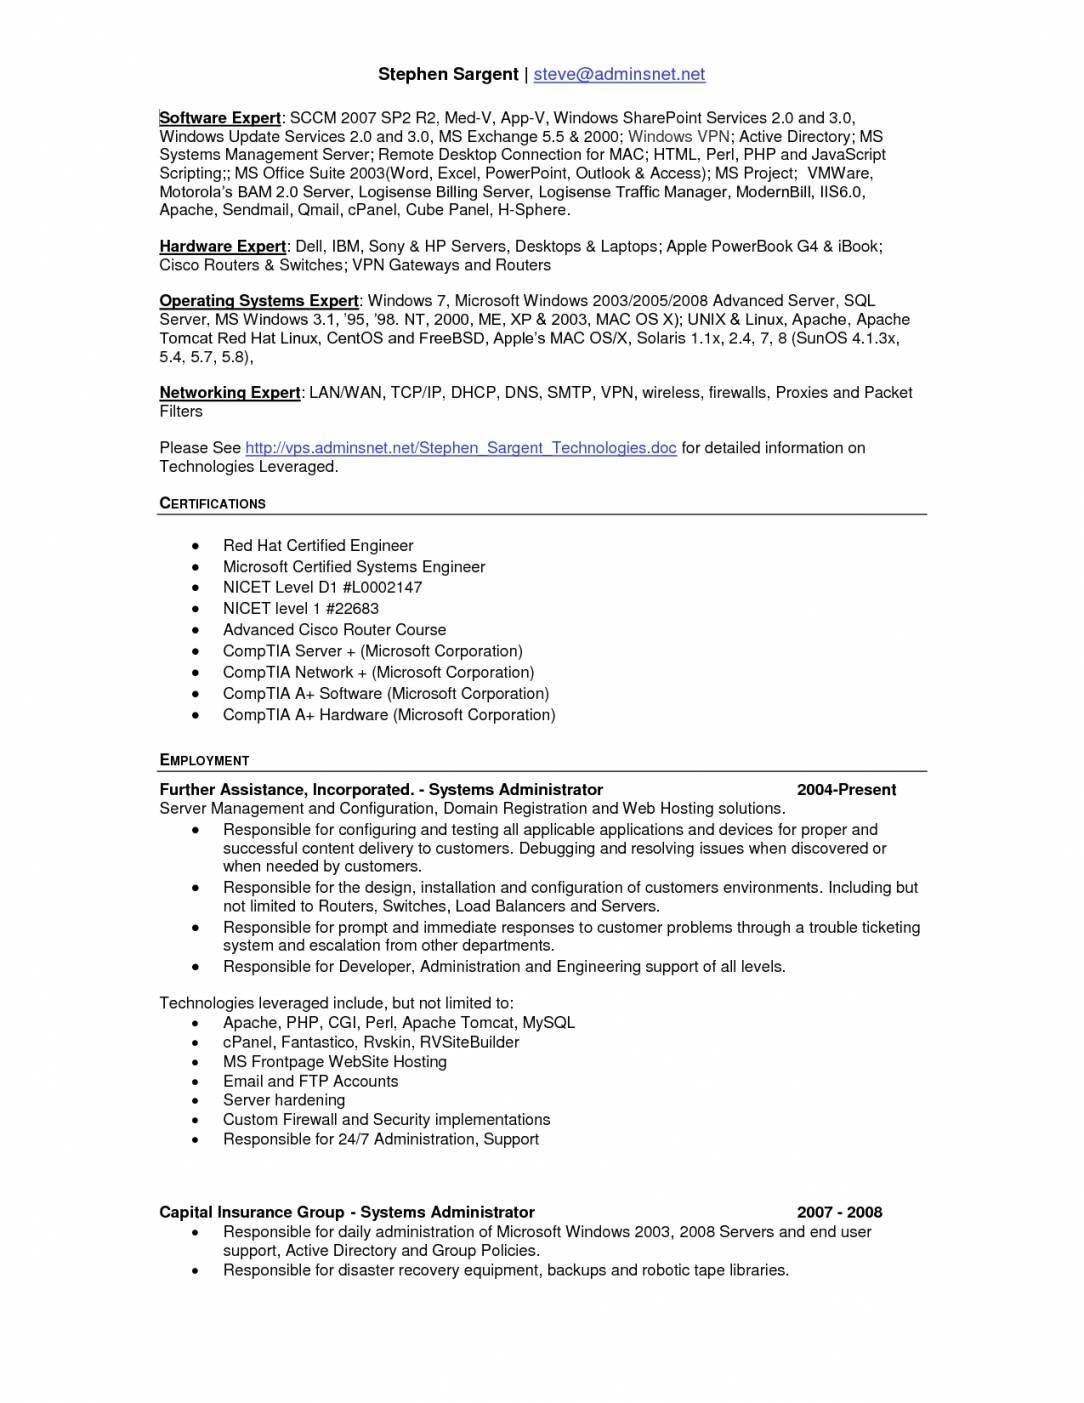 Resume Template Word Mac 2008